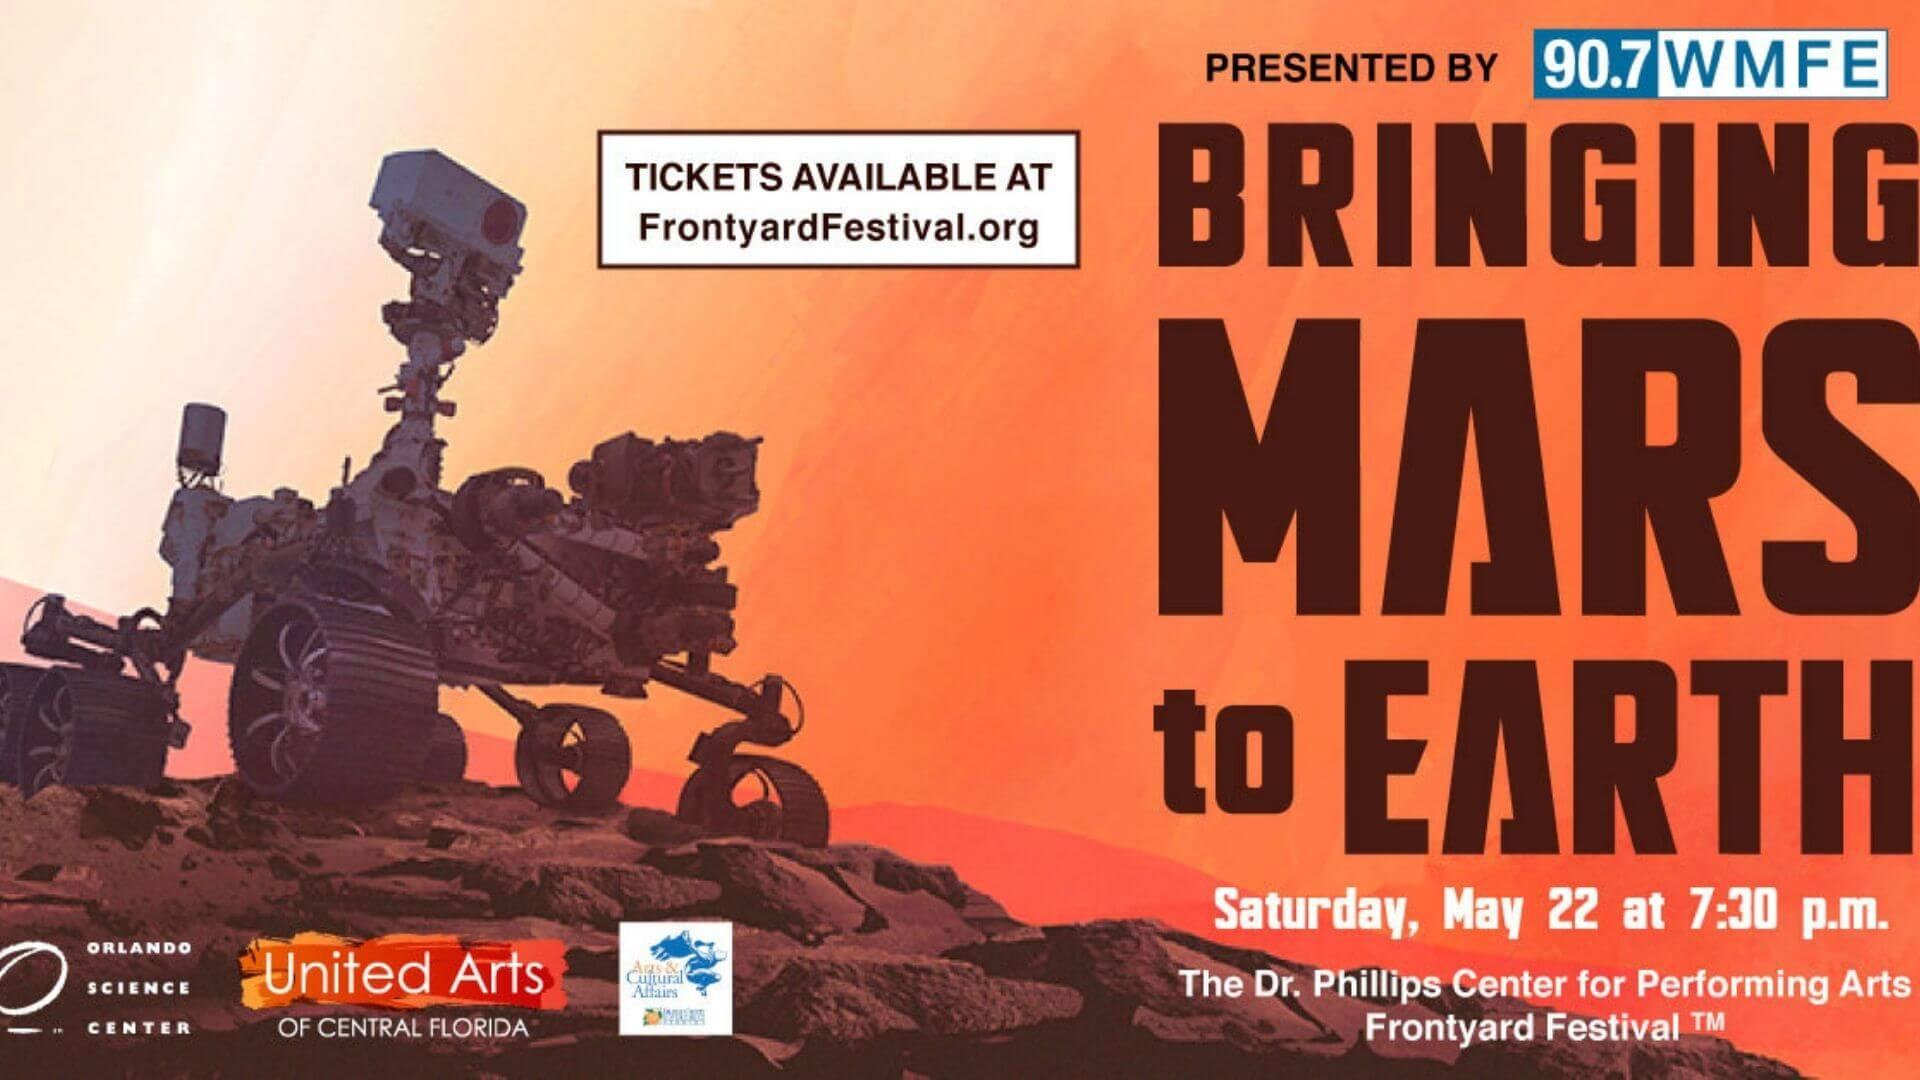 Bringing Mars to Earth Saturday May 22 at 7:30pm